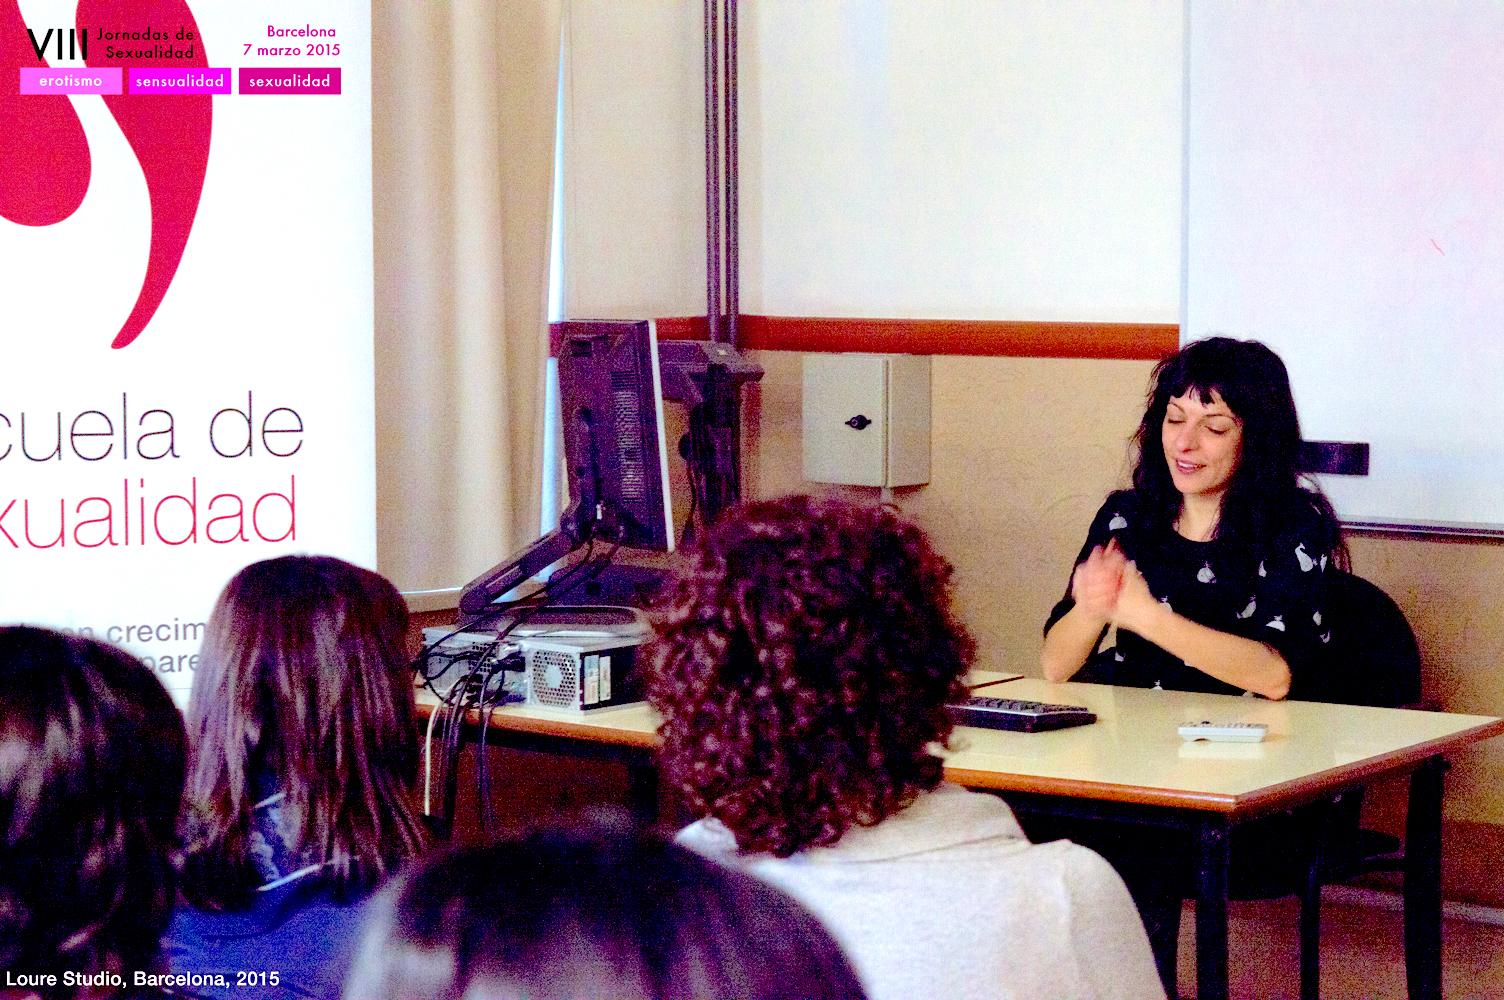 Mi participación en la octava edición de las Jornadas de Sexualidad en la Facultad de Psicología de la Universitat de Barcelona